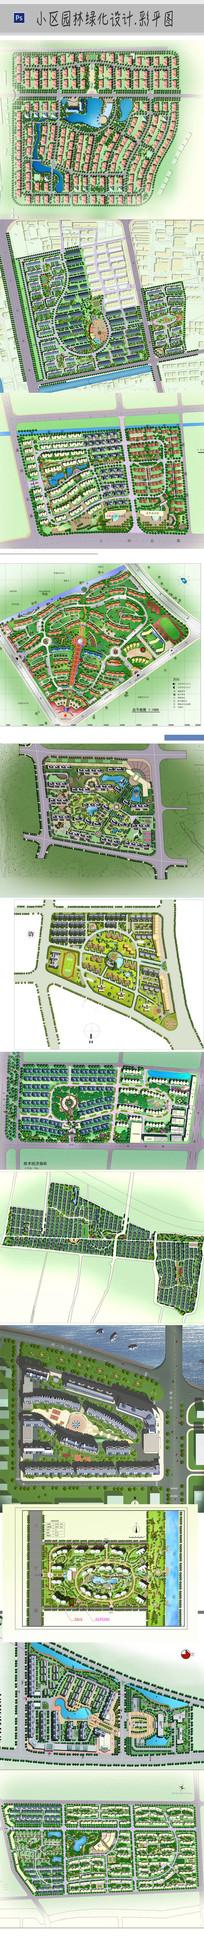 小区总规划平面效果图